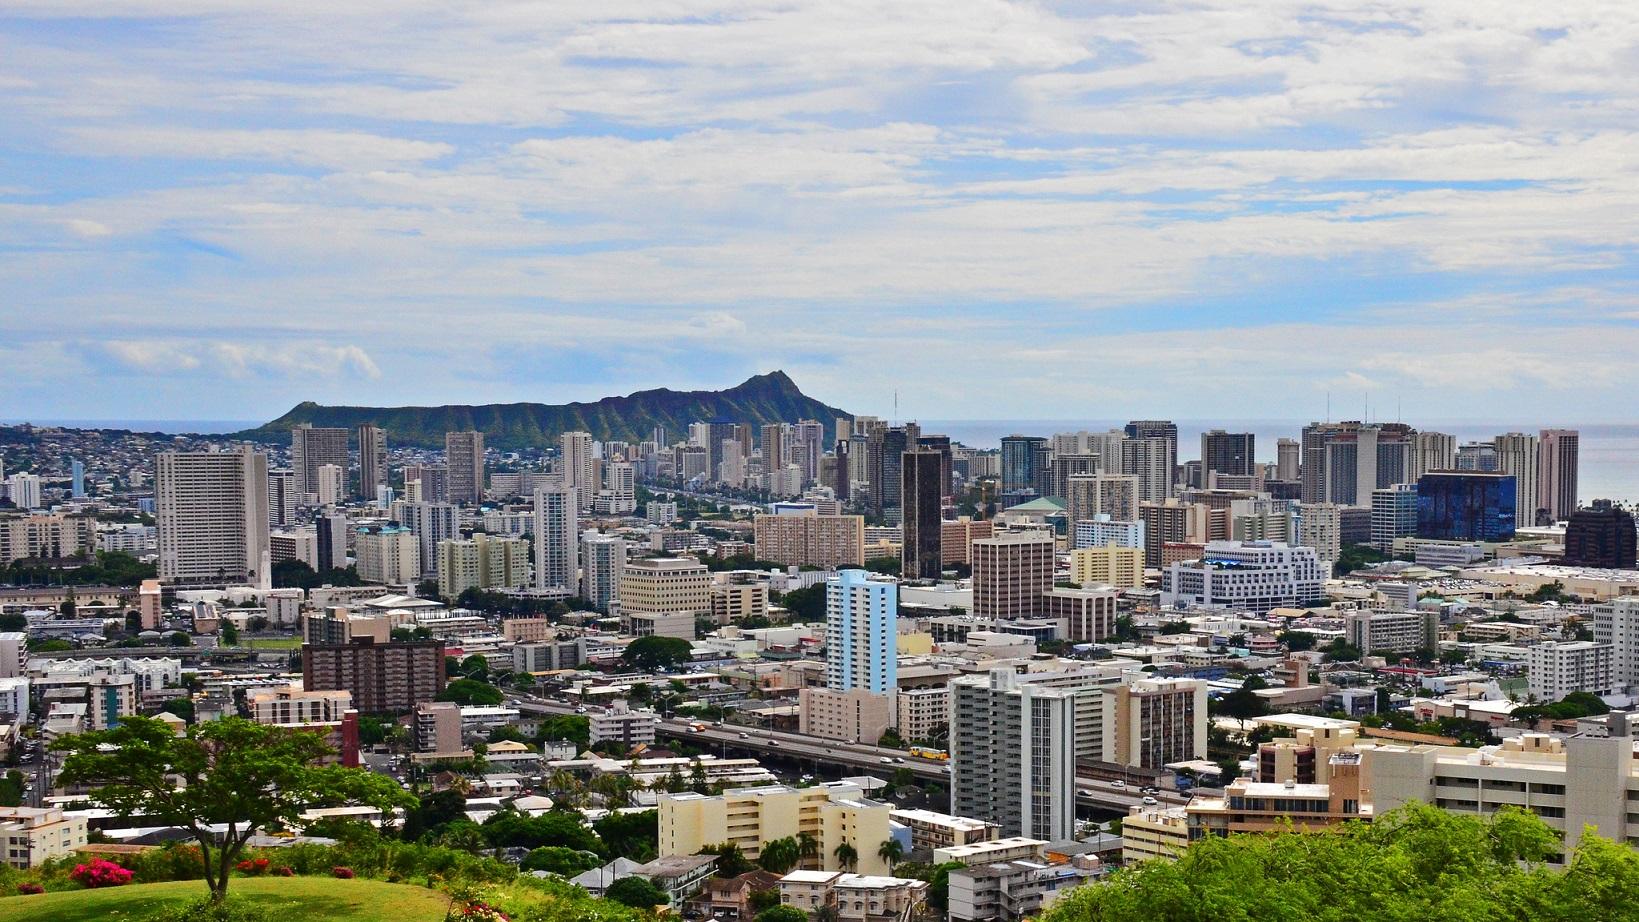 Honolulu Neighborhood Guide Movoto - Us zip code honolulu